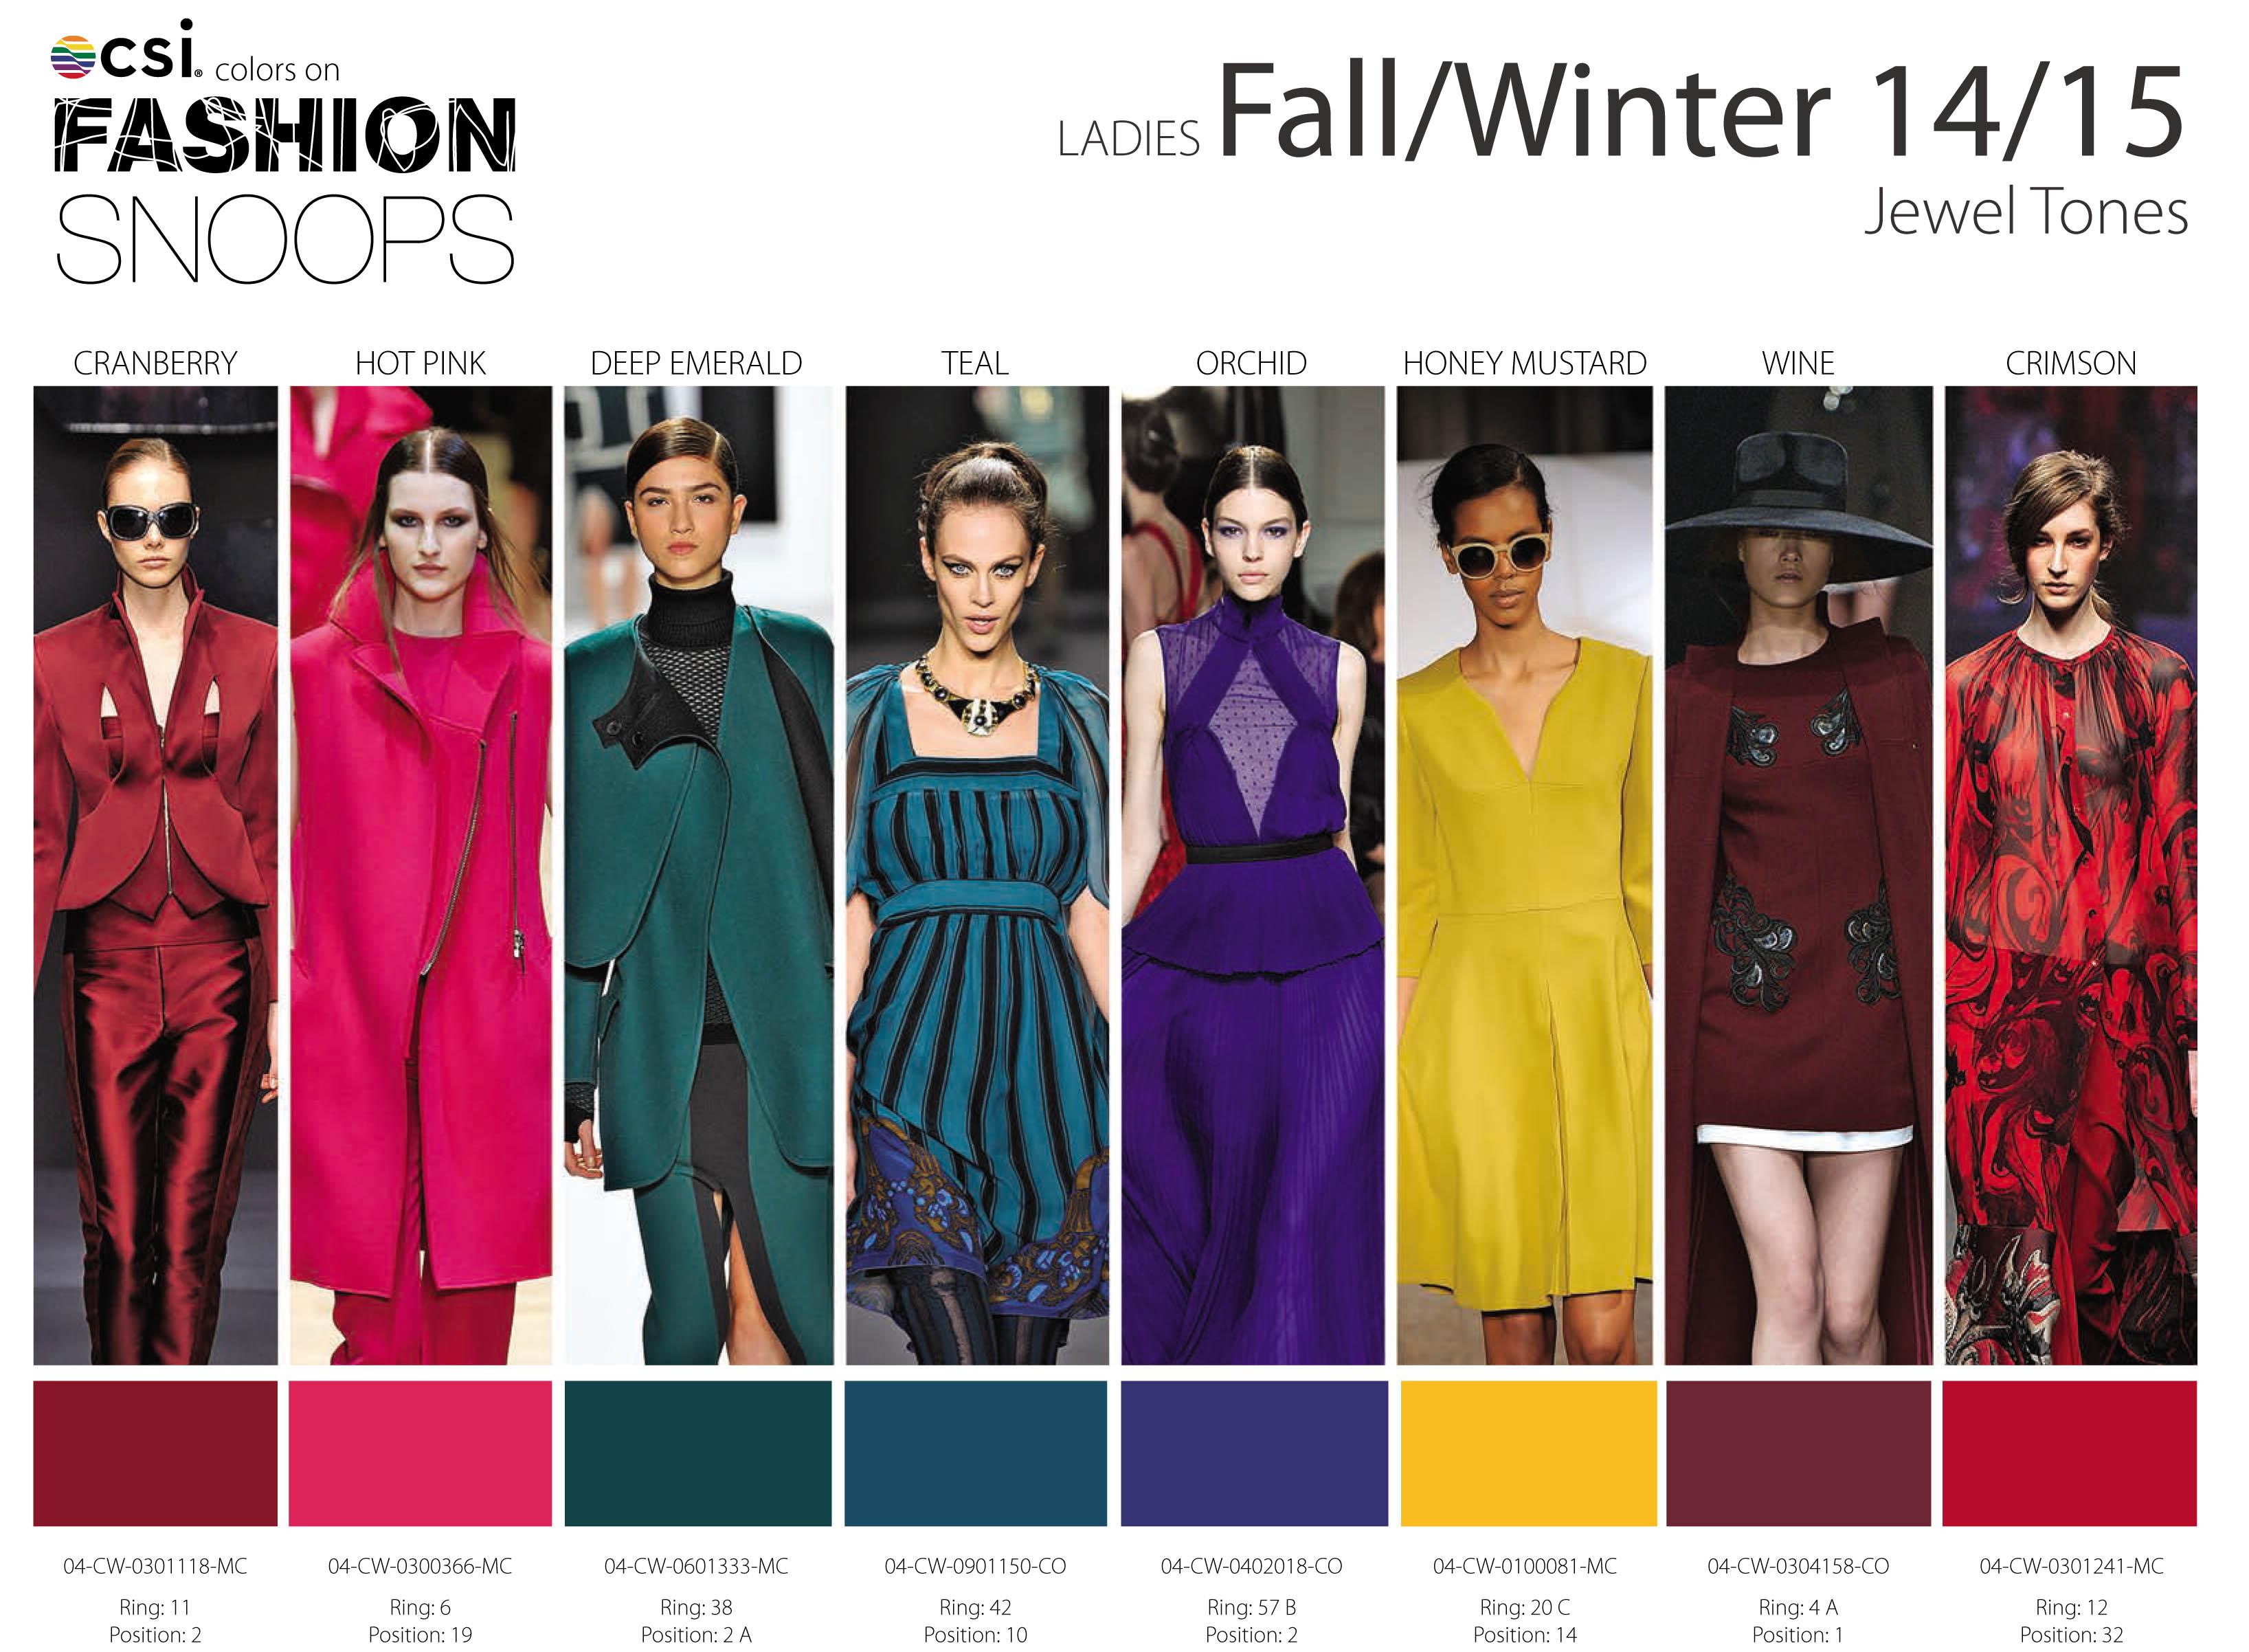 ВИ ПРЕПОРАЧУВАМЕ: Топ 5 бои кои ќе ја одбележат есента